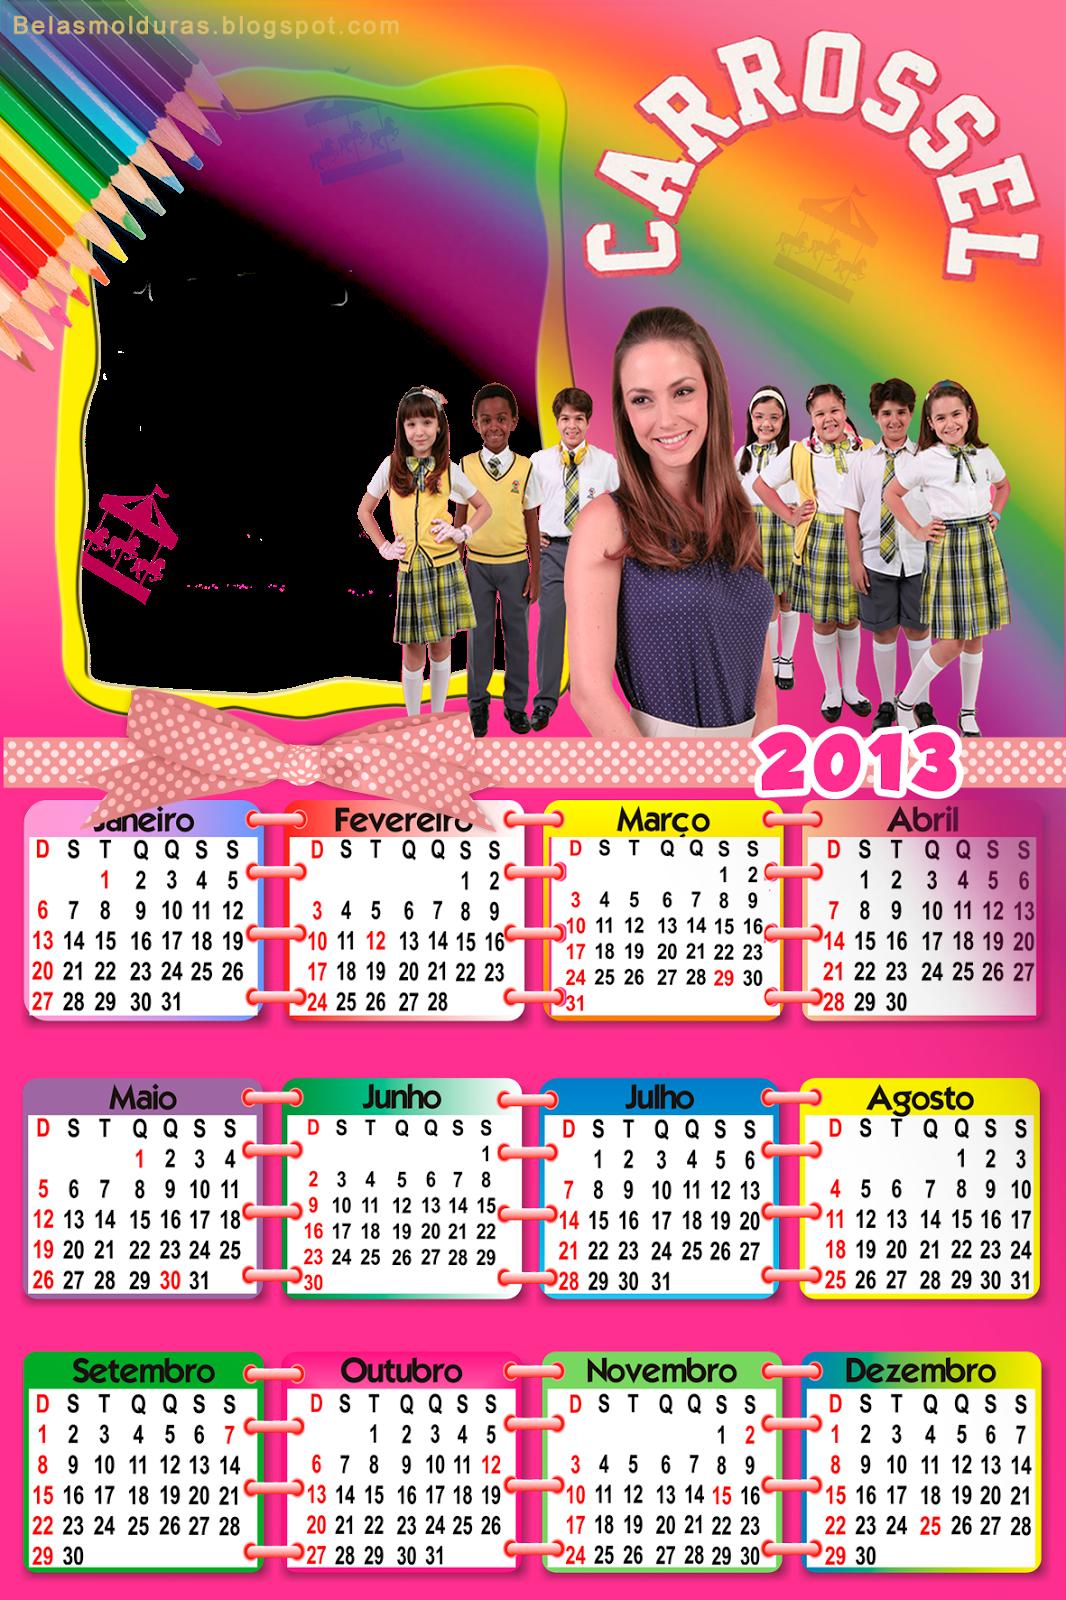 Calendário 2013 da novela Carrossel